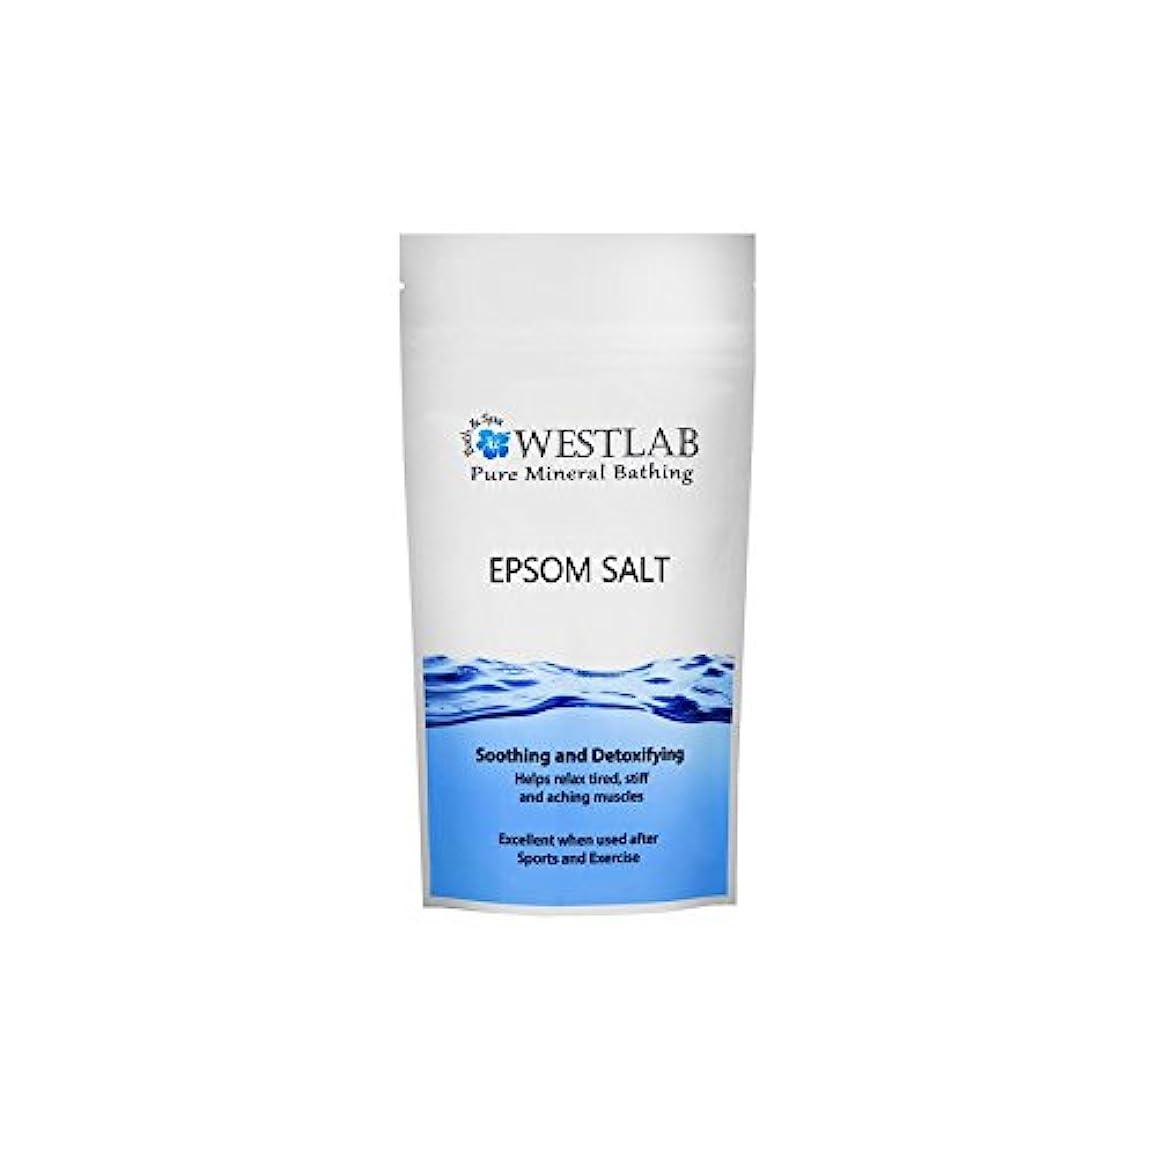 コードスマイルコミュニケーションWestlab Epsom Salt 2kg - エプソム塩の2キロ [並行輸入品]